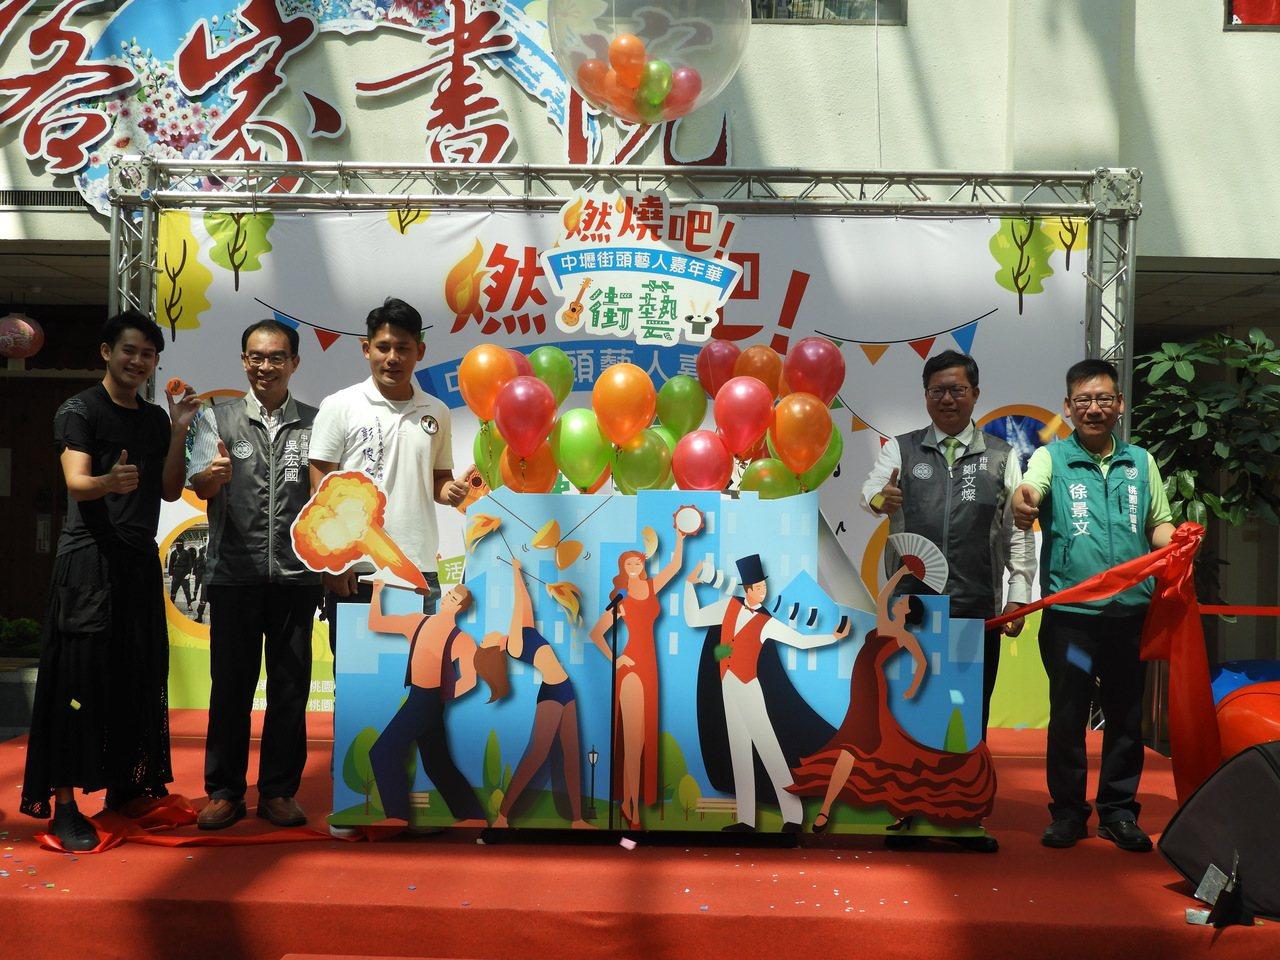 「燃燒吧!街藝街頭藝人嘉年華」今日上午在中壢區公所一樓中庭揭幕。記者高宇震/攝影